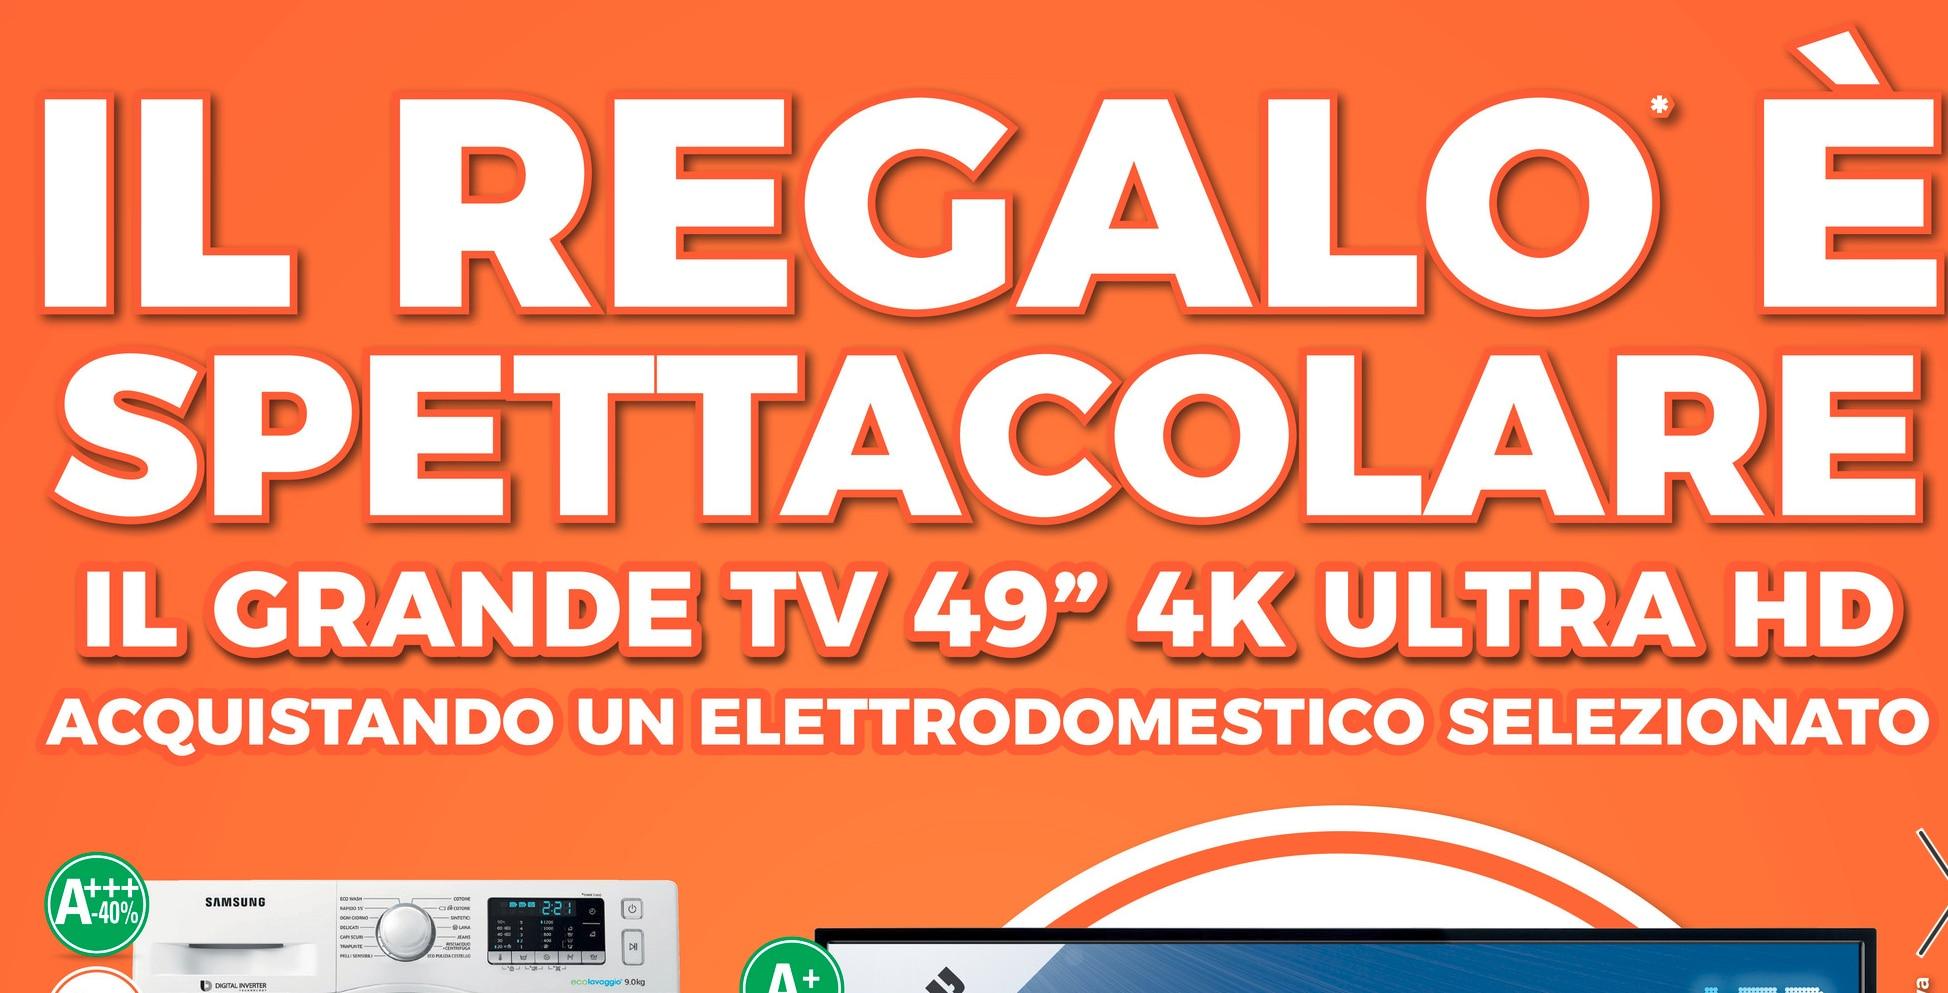 Volantino expert 1 18 marzo tv 4k hdr in regalo con certi for Regalo elettrodomestici milano